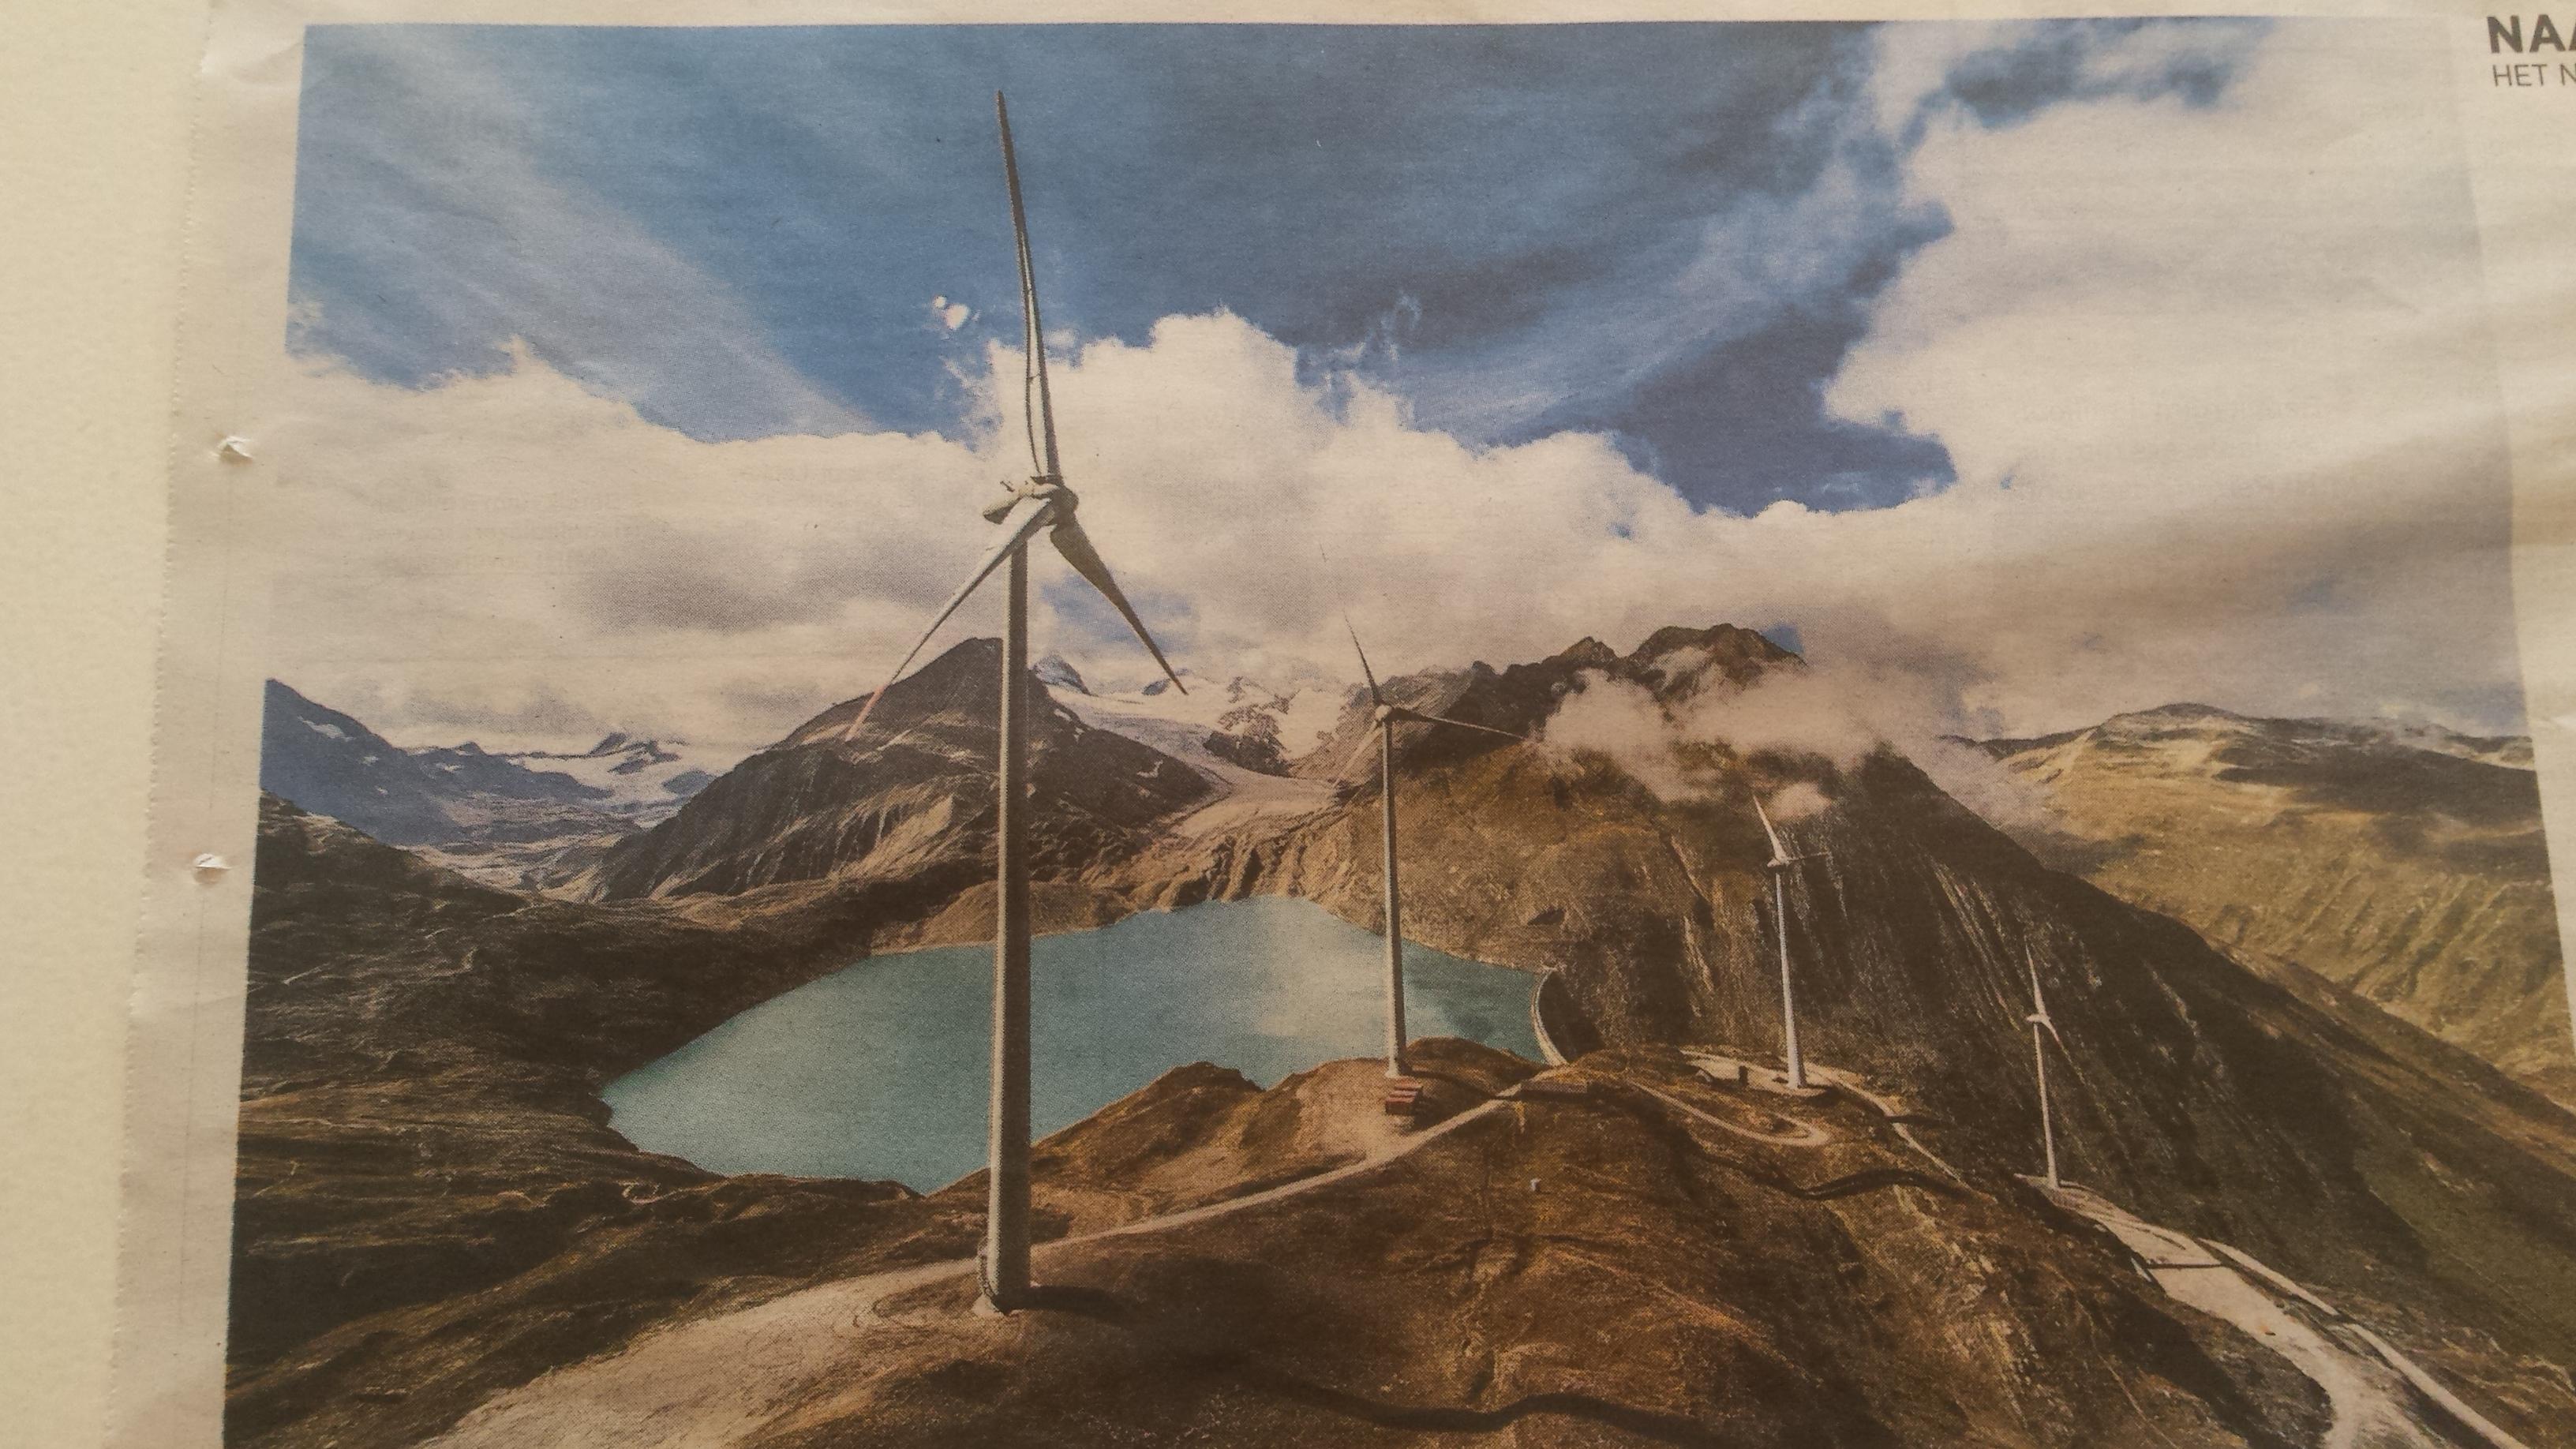 hoogste-windpark-zwitseland-2500-m-hoogte-jpg-large